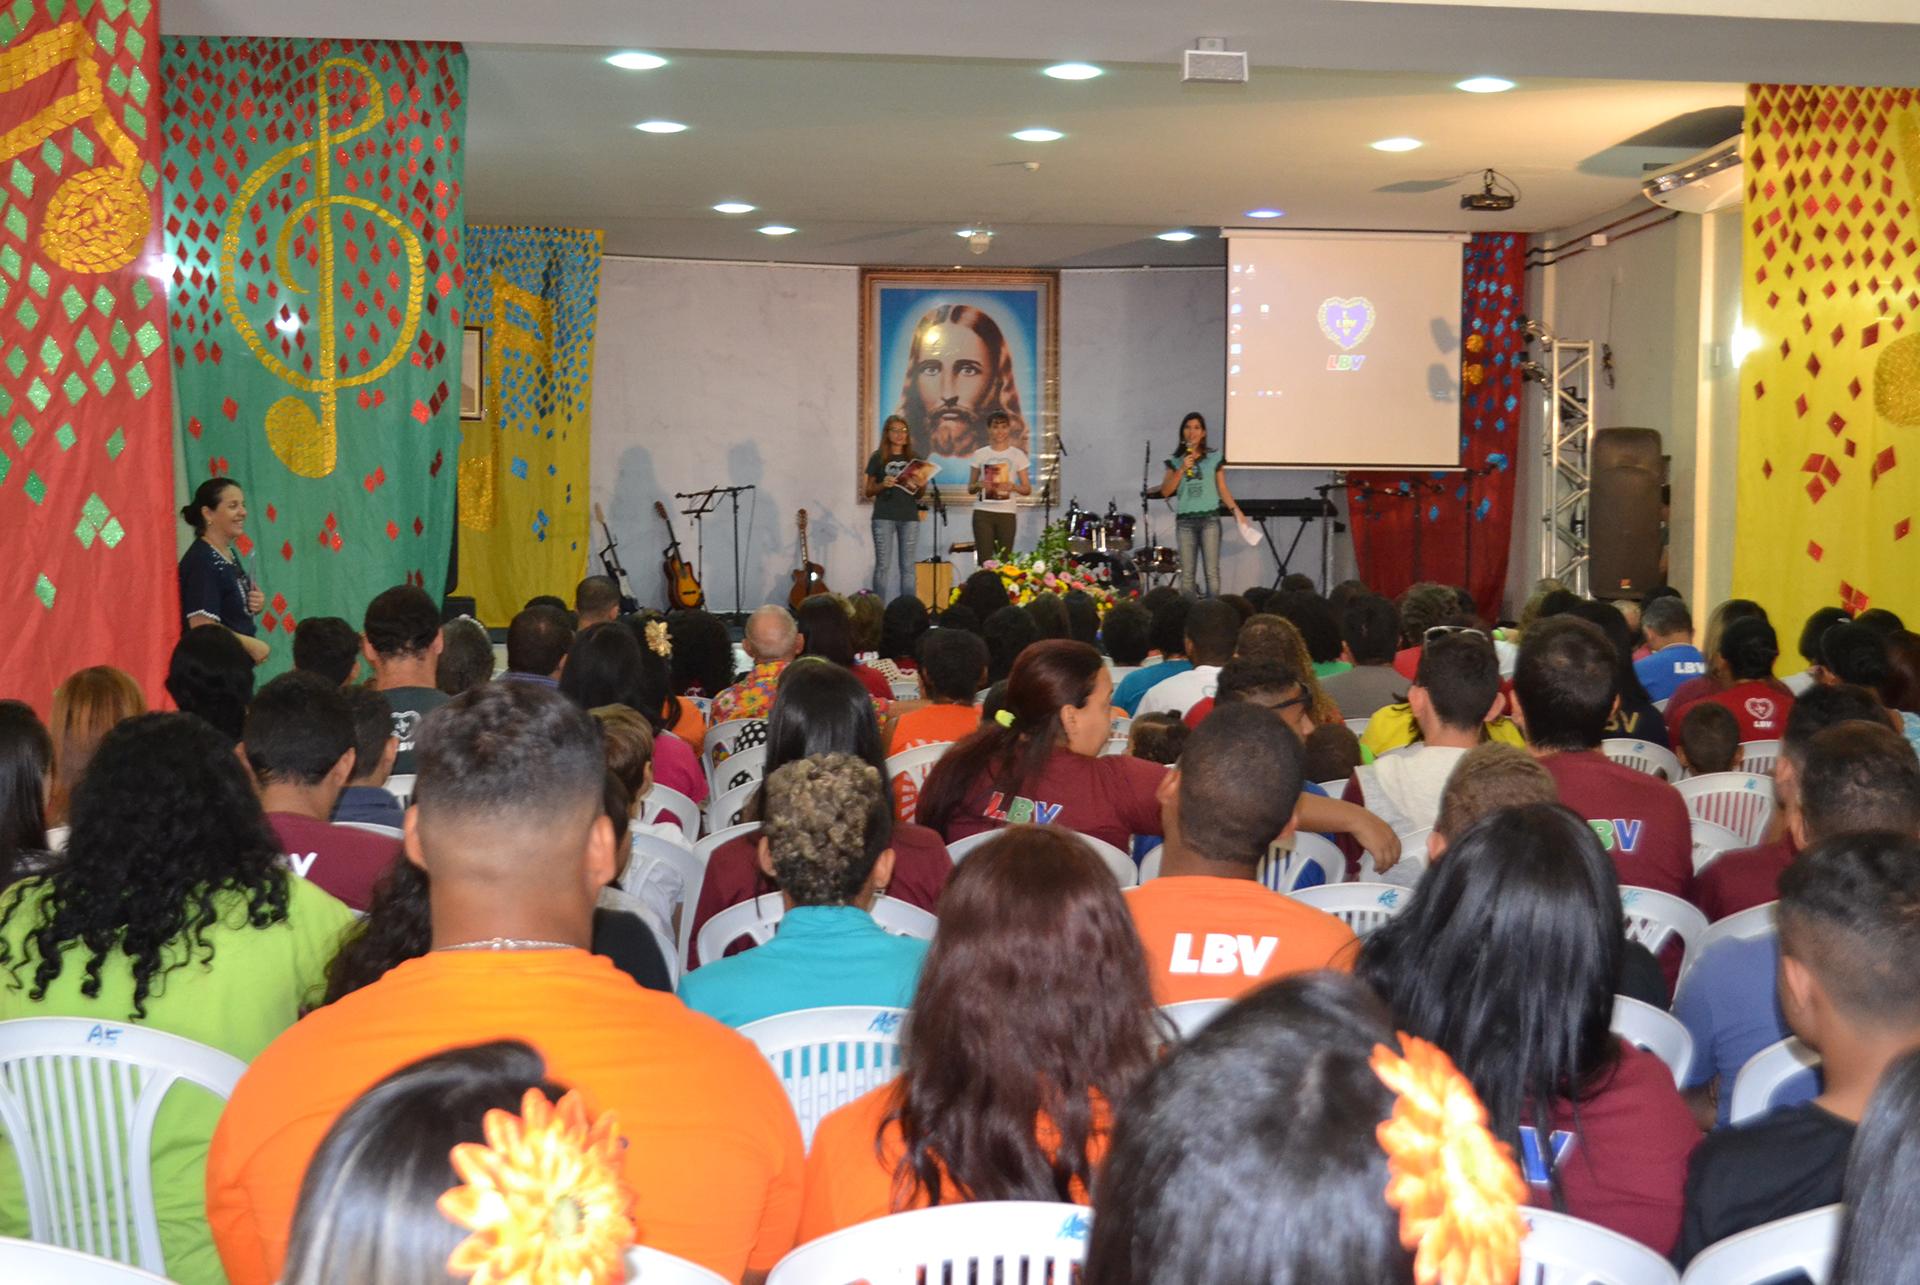 Recife, PE —Vista parcial do público durante as Rodas Espirituais e Culturais, da LBV. Na ocaisão, estiveram presentes jovens dos Estados de Alagoas, Ceará, Bahia, Paraíba e Rio Grande do Norte.